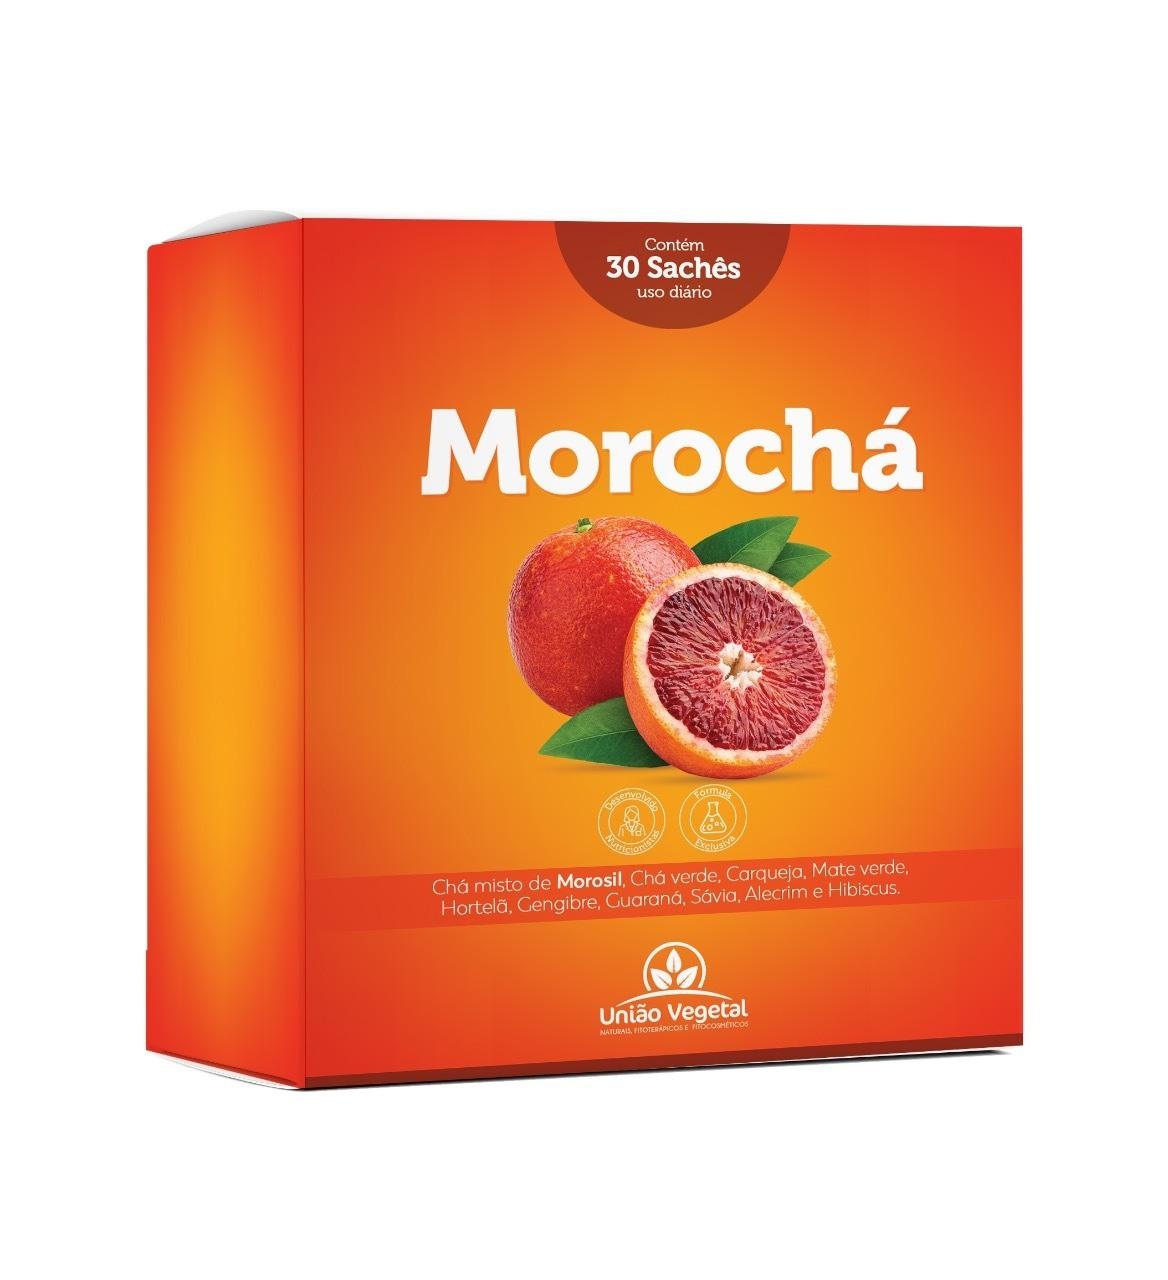 MOROCHA - CHÁ EMAGRECEDOR DE MOROSIL - CX COM 30 SACHÊS